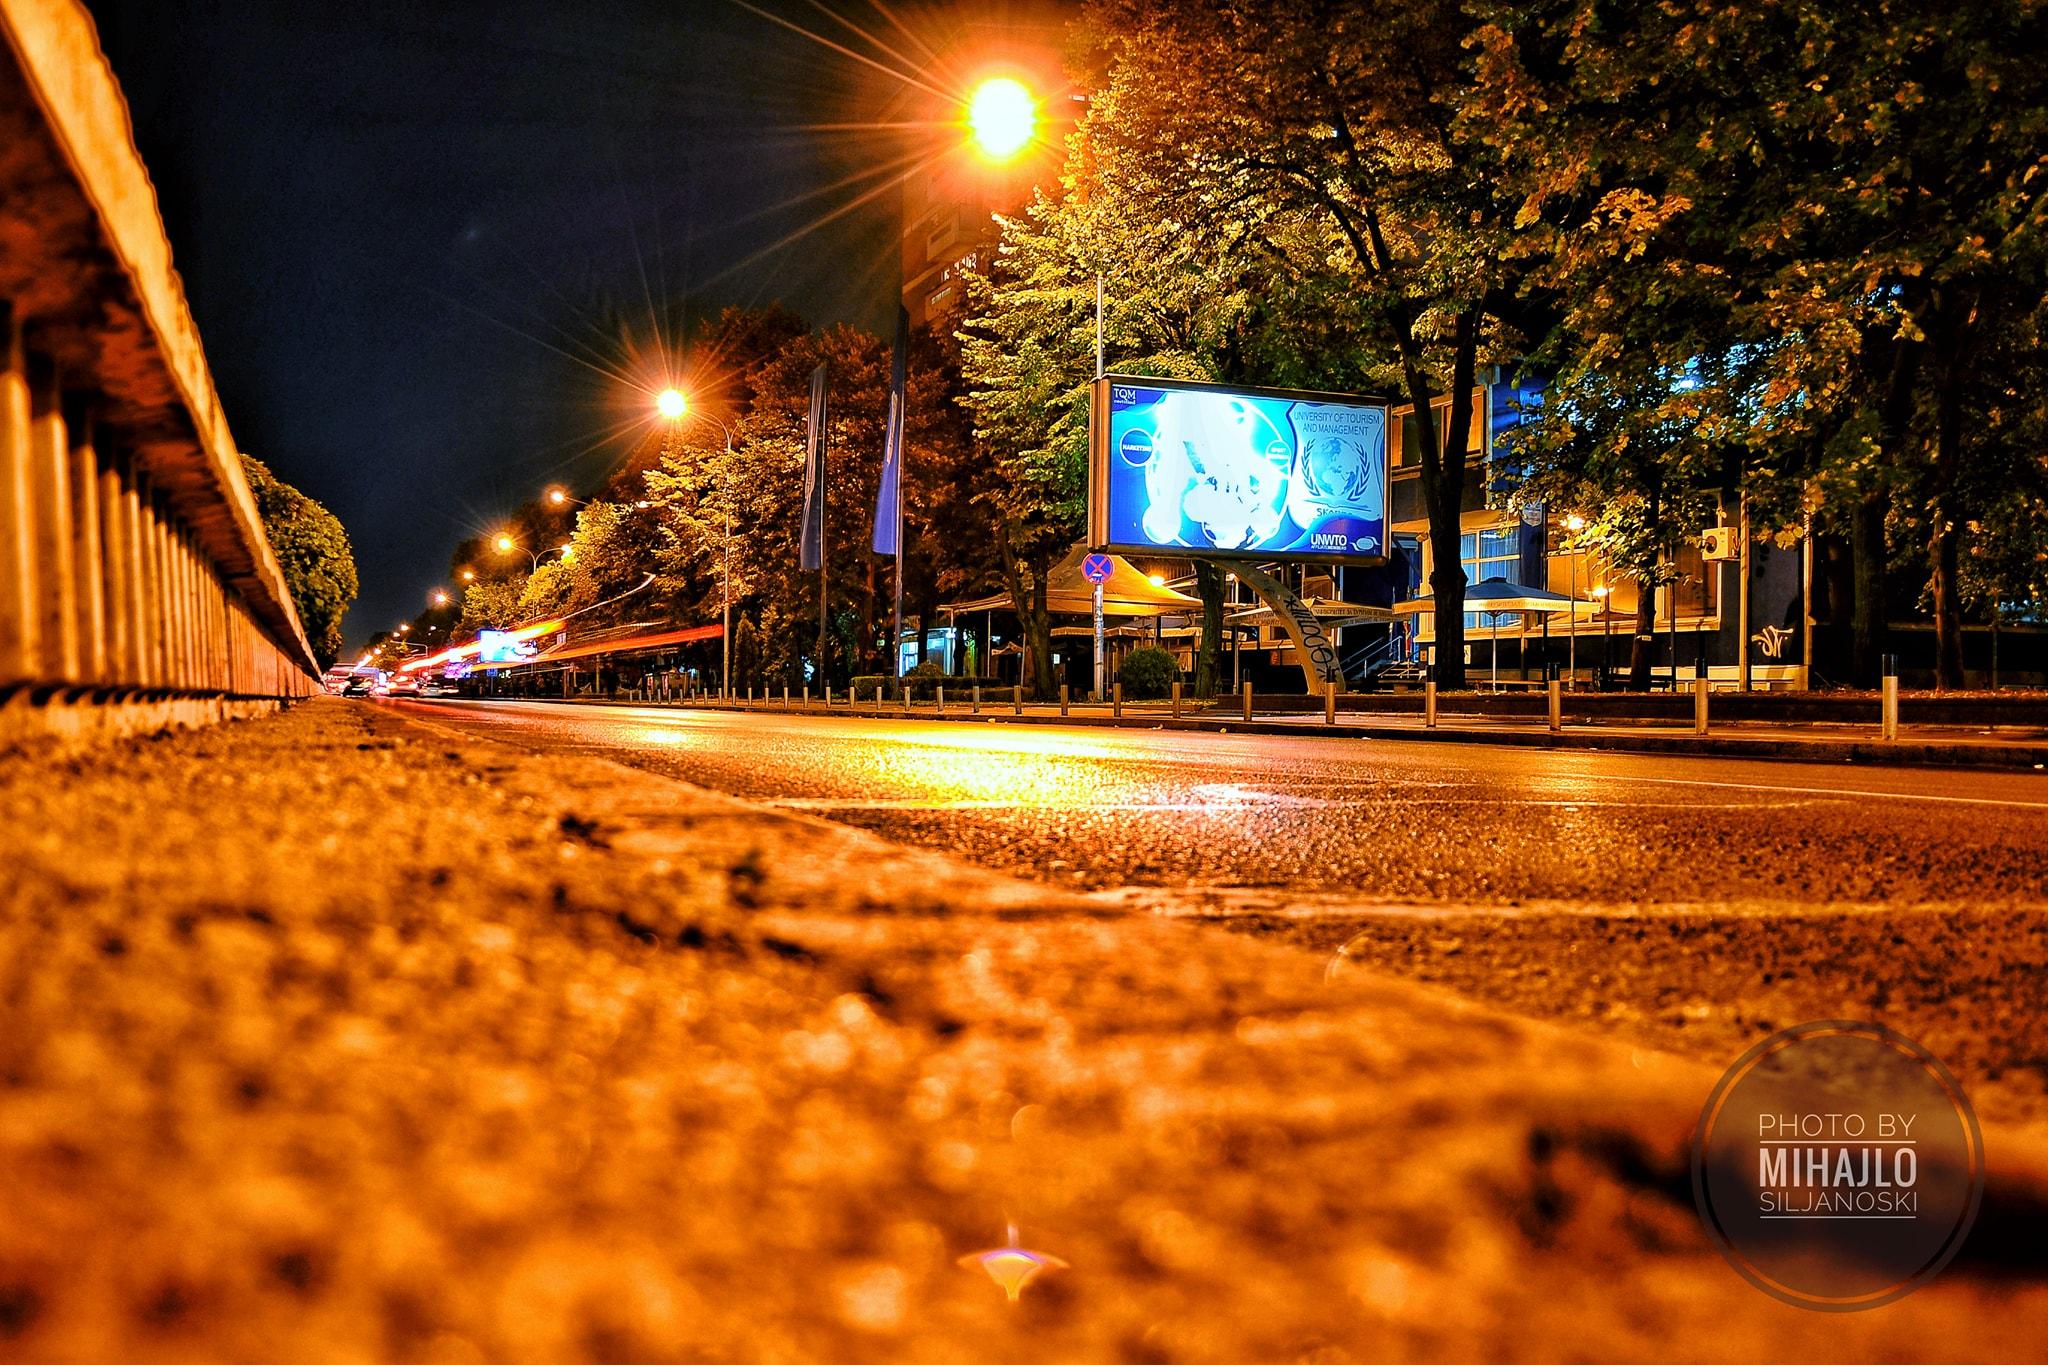 Независната културна сцена за прв пат ќе добие свој дом во Општина Центар